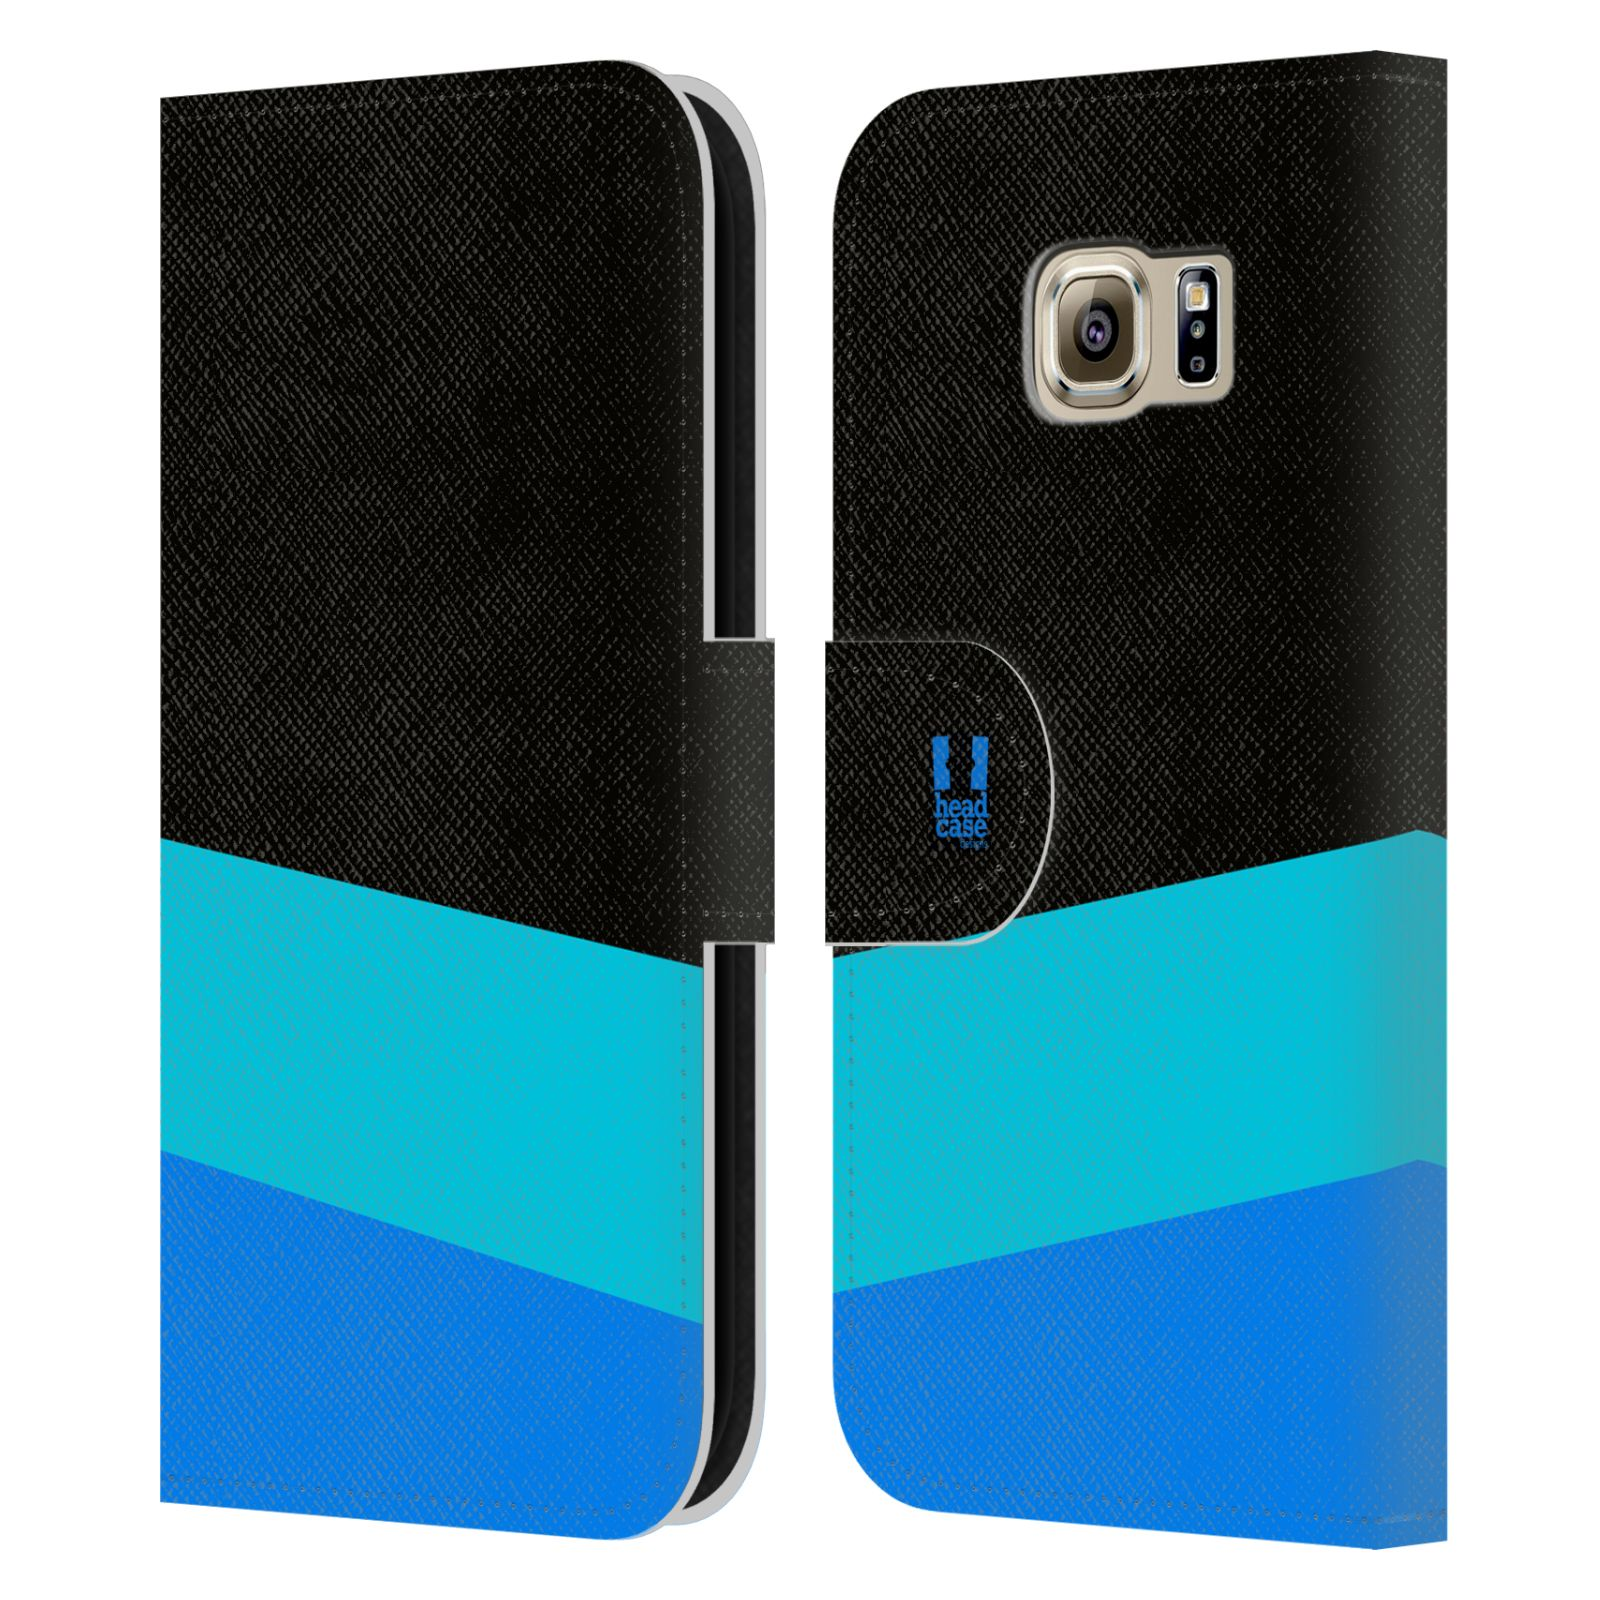 HEAD CASE Flipové pouzdro pro mobil Samsung Galaxy S6 barevné tvary modrá a černá FORMAL